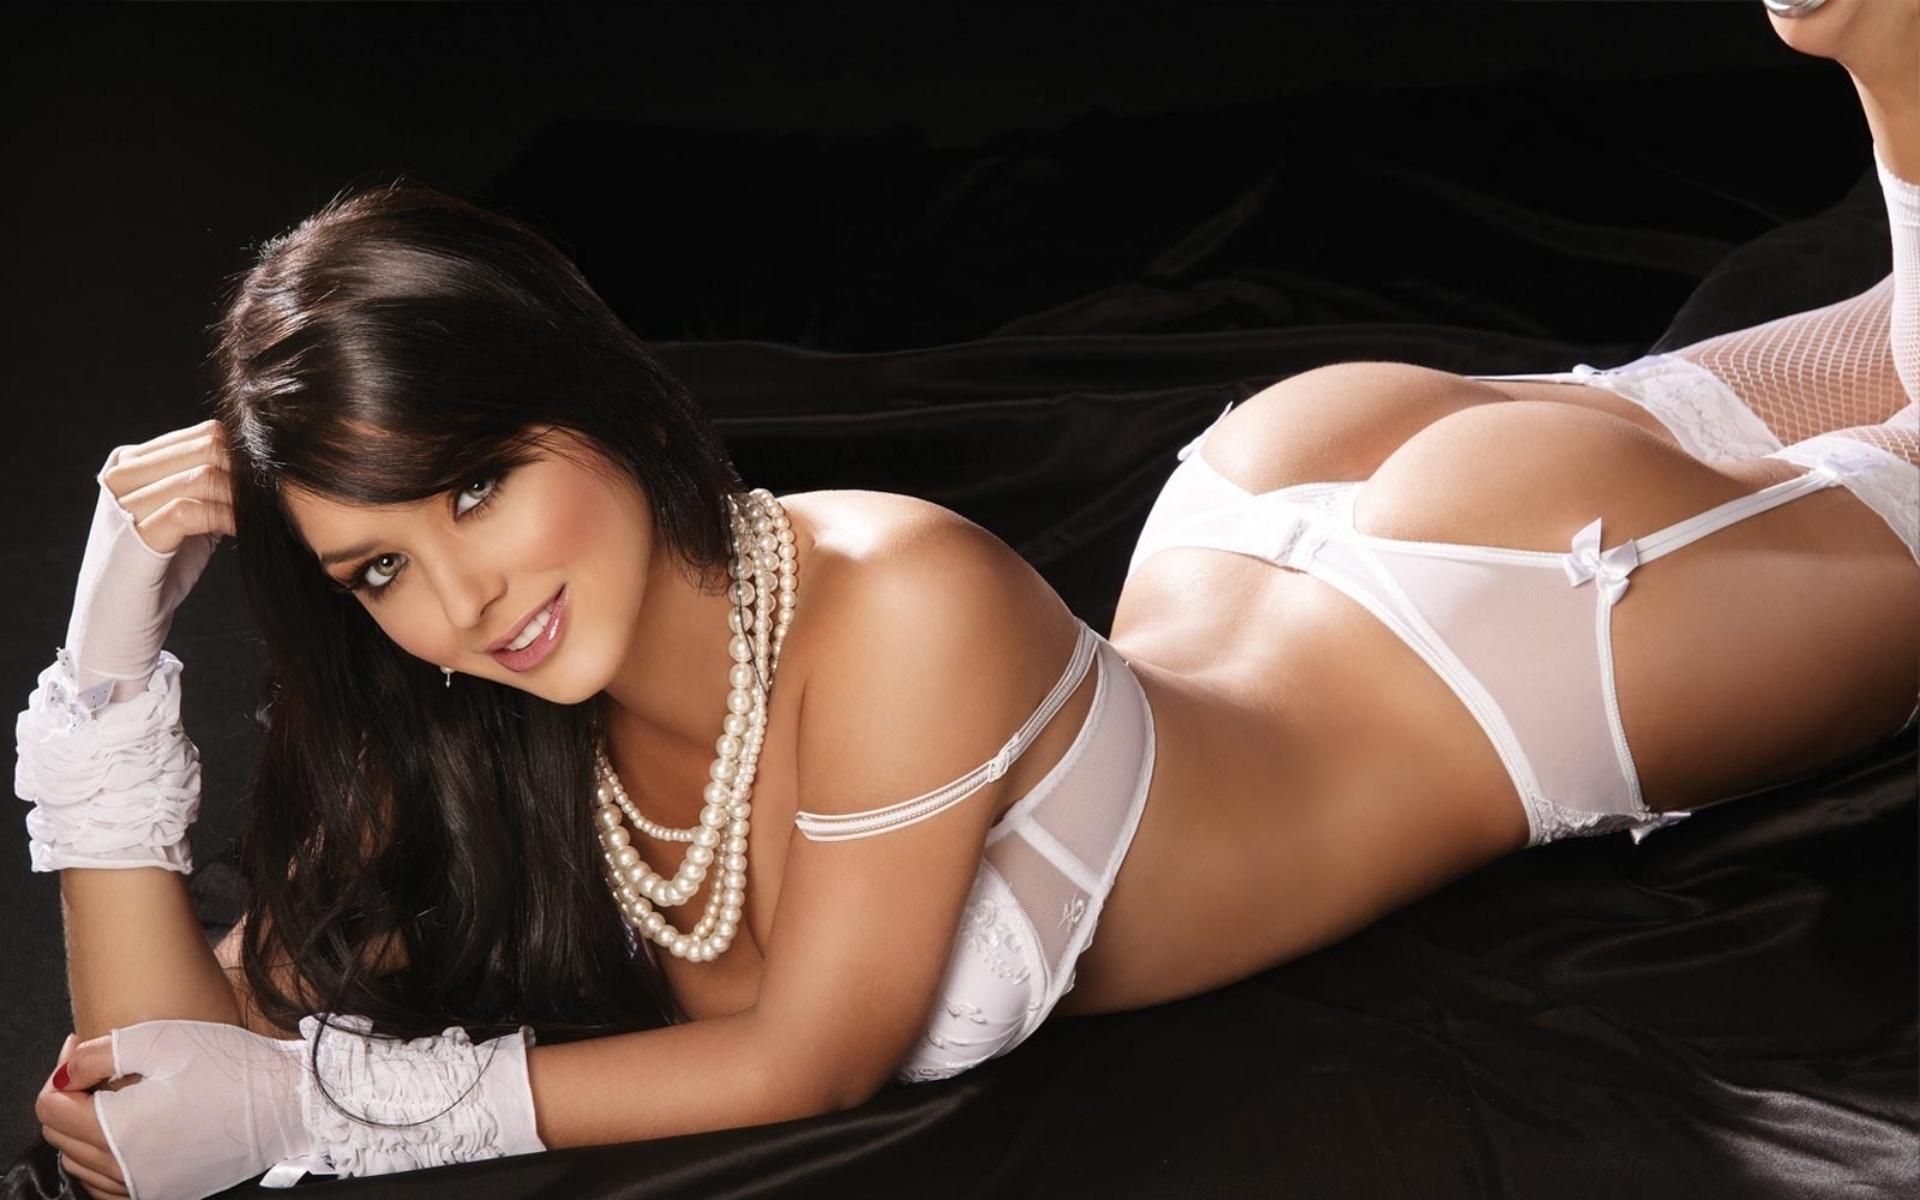 Смотреть фото самых сексуальных девушек видео, египет порно картинки